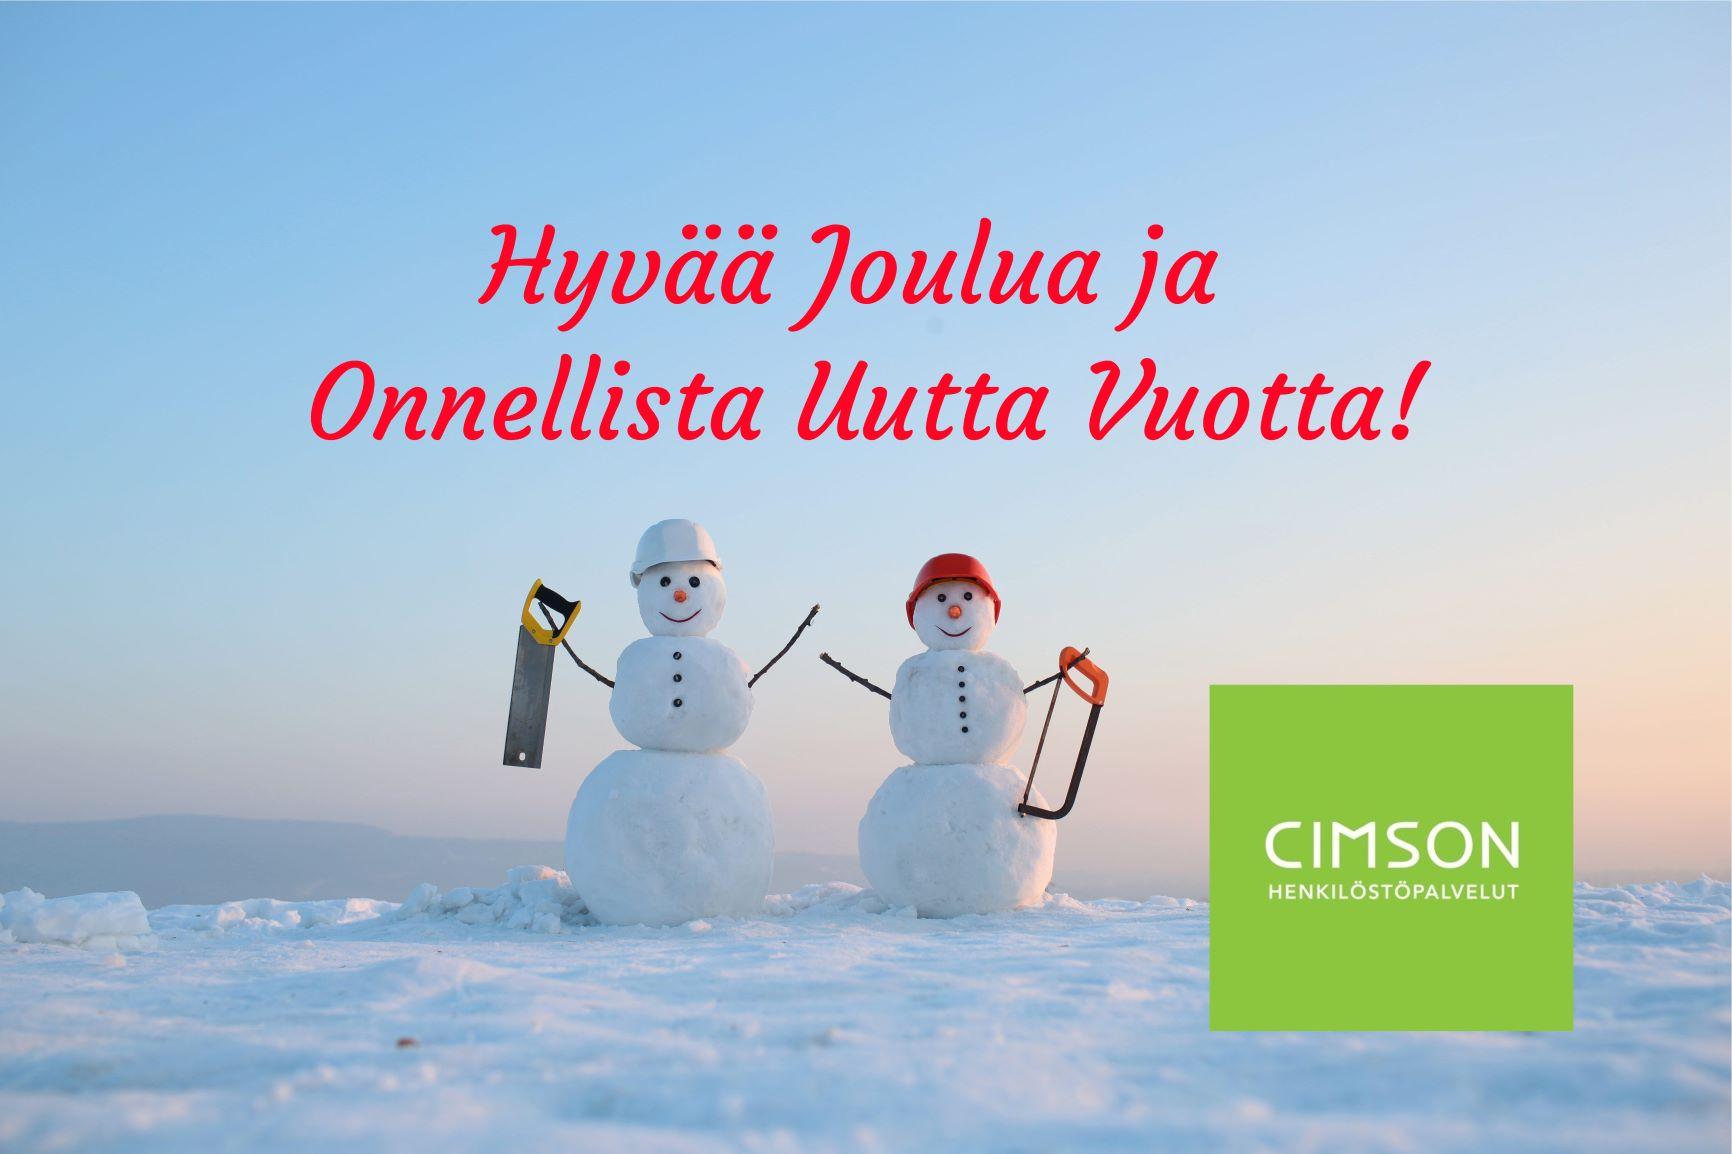 Hyvää Joulua ja Onnellista Uutta Vuotta Cimson Henkilöstöpalvelut rekry rekrytointi henkilöstövuokraus